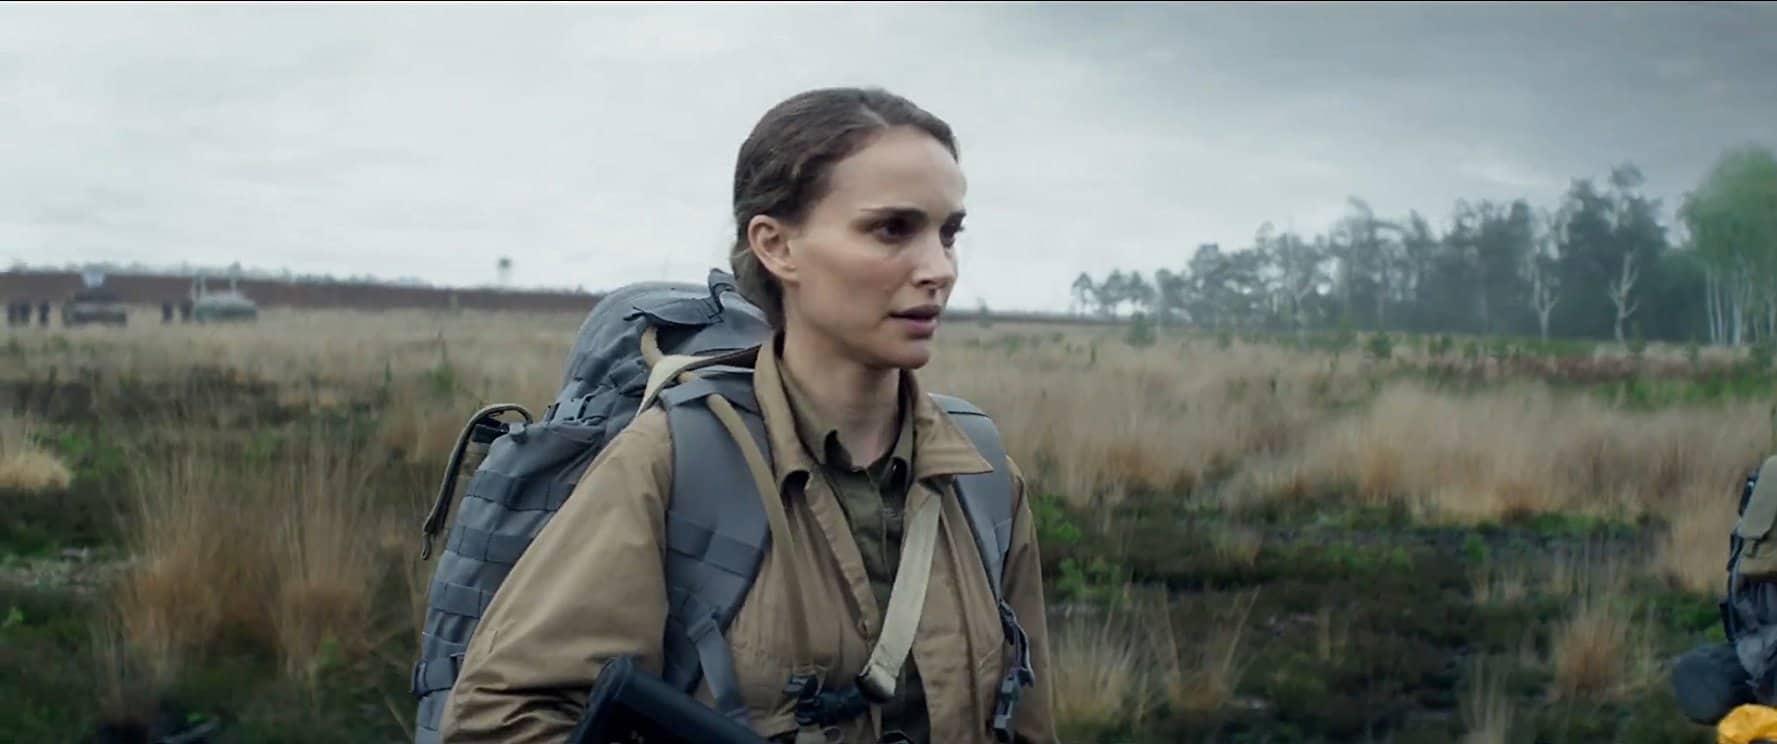 Annihilation (2018) With Natalie Portman